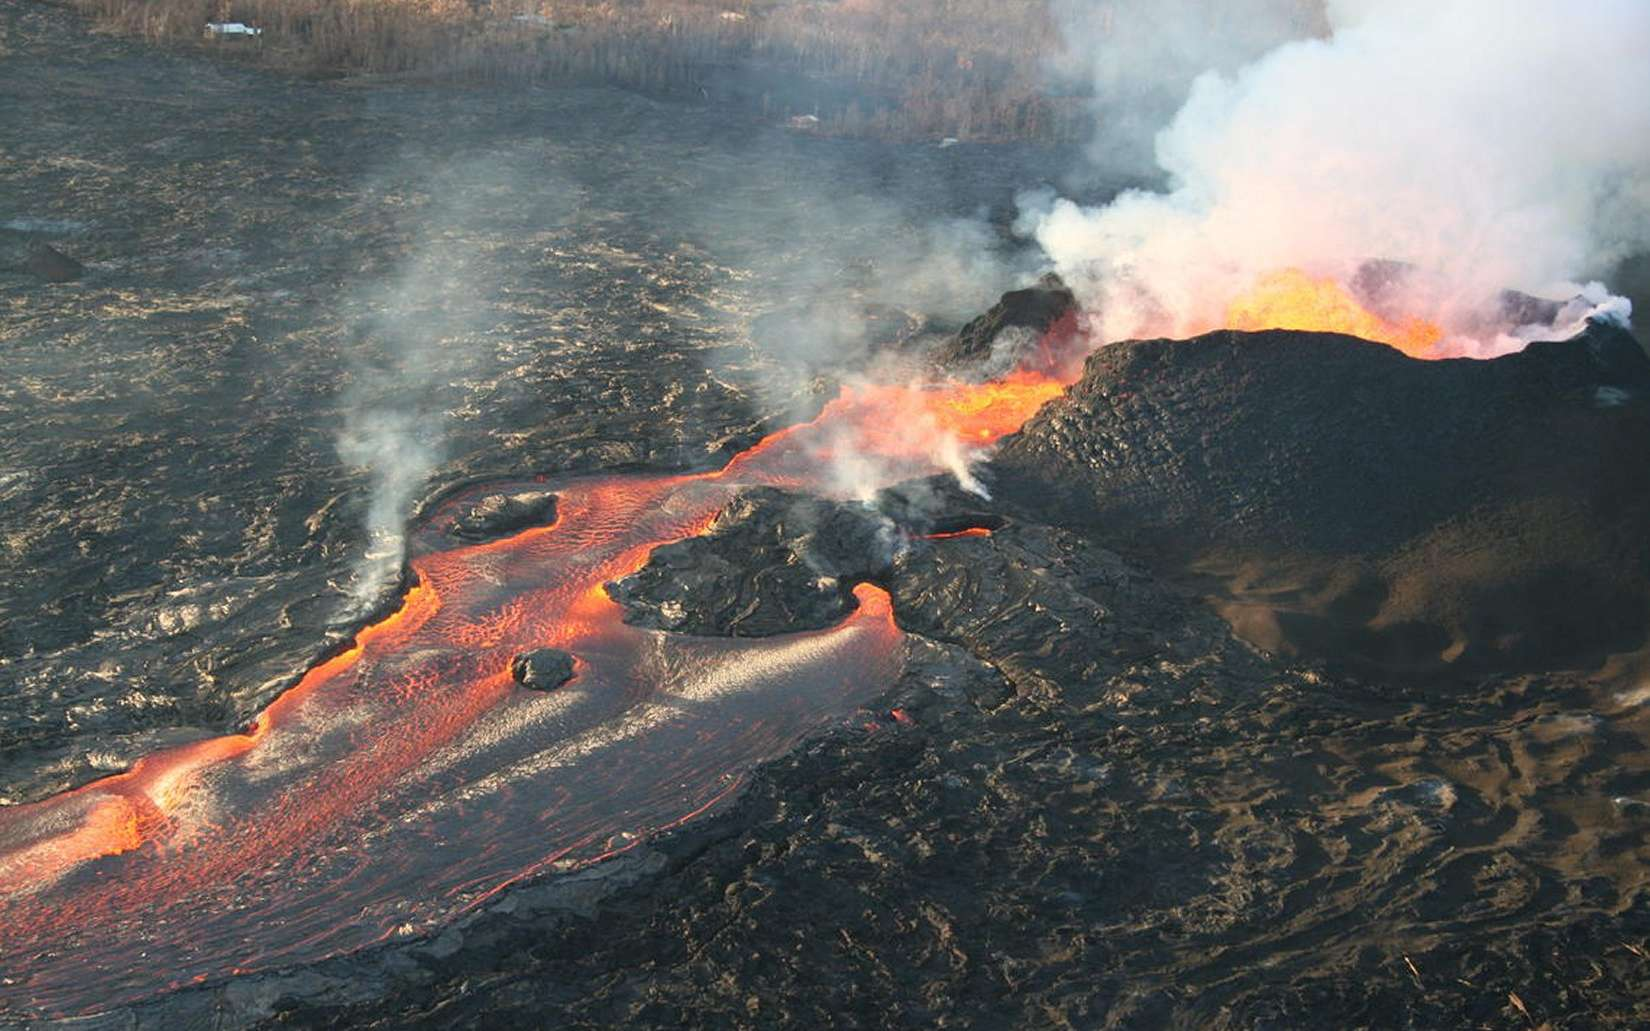 Une vue du volcan Kilauea en éruption. © USGS